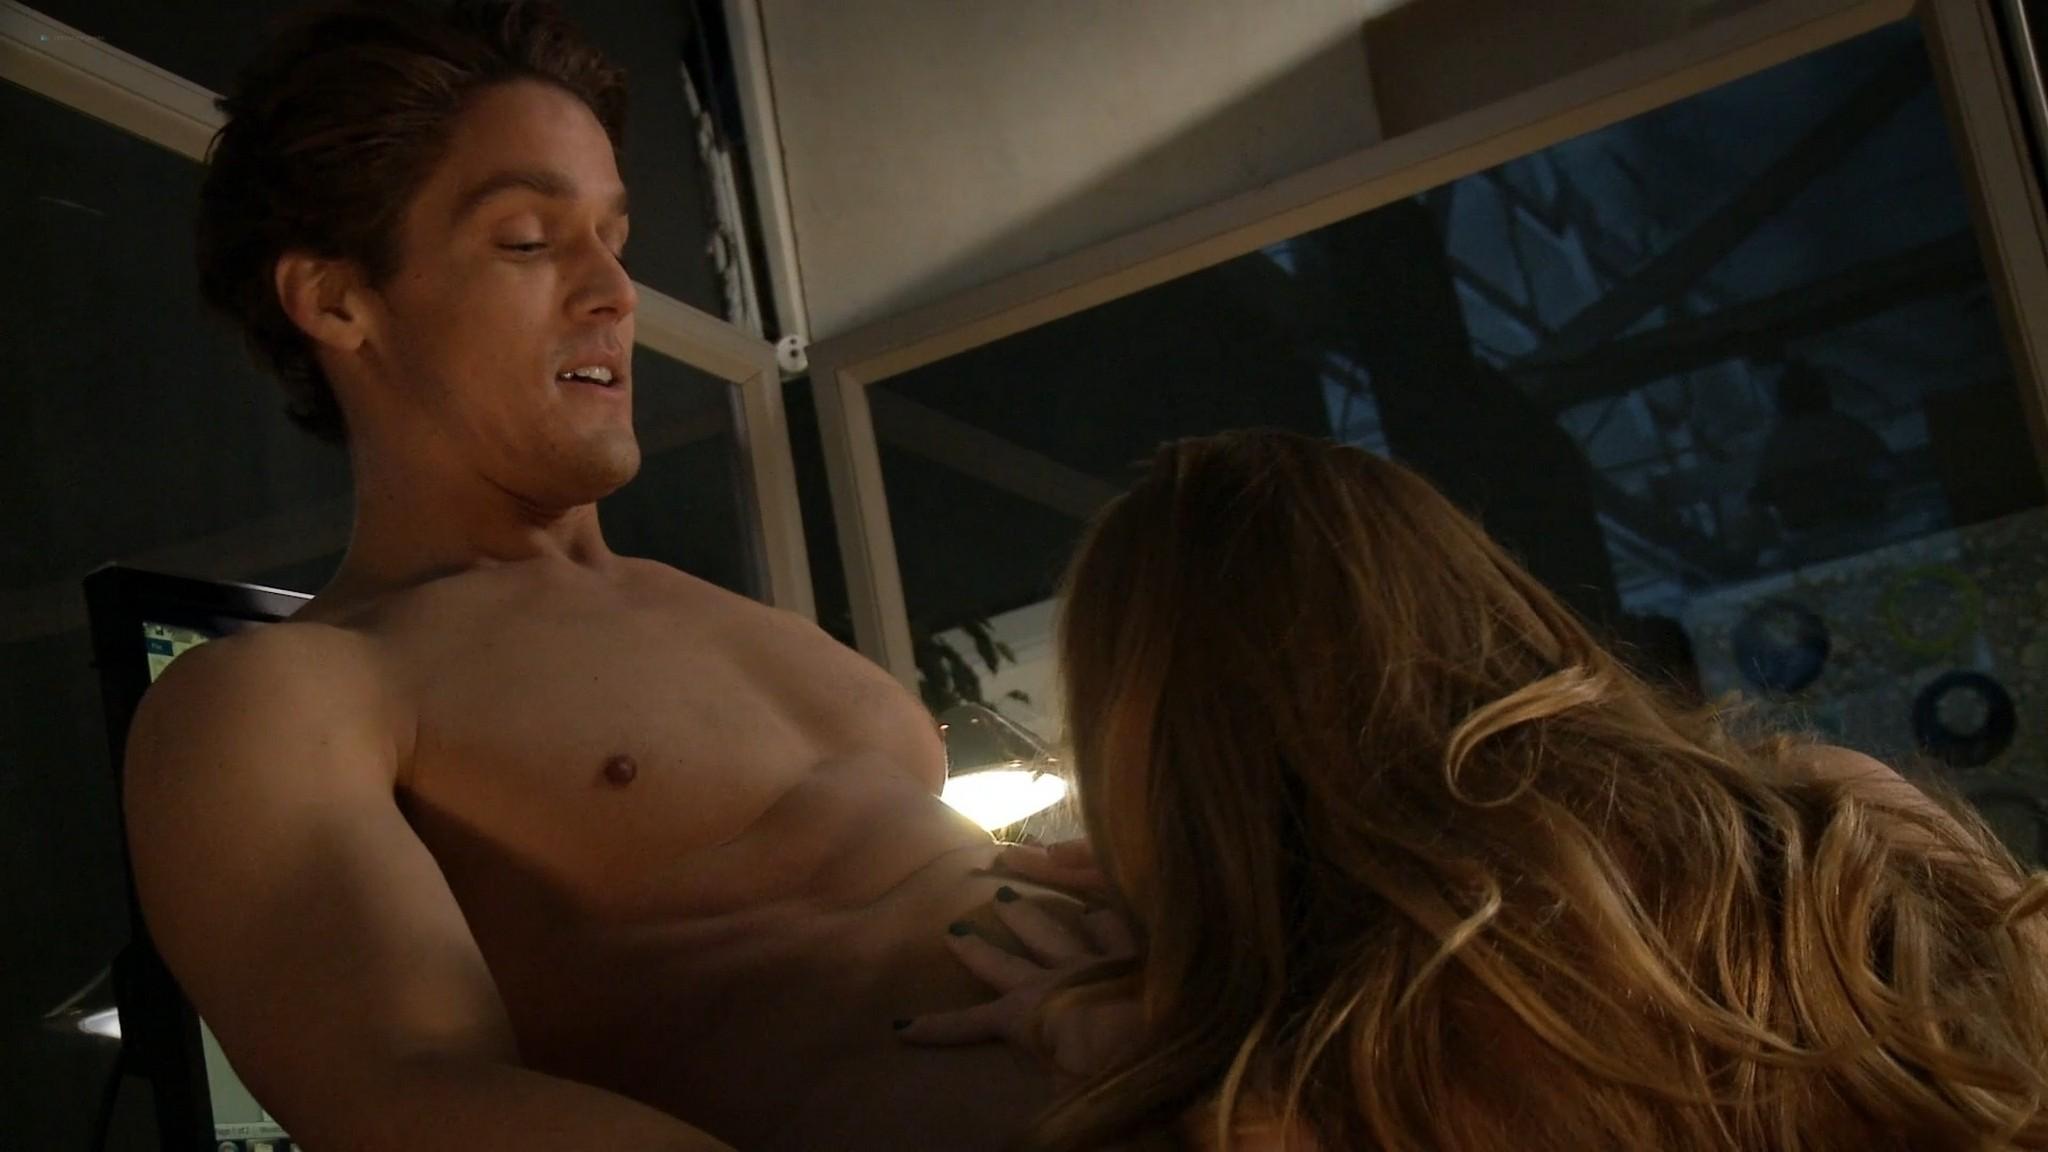 Carter Cruise nude lot of sex Kira Noir Sarah Hunter nude sex too Deadly Pickup 2016 1080p Web 14